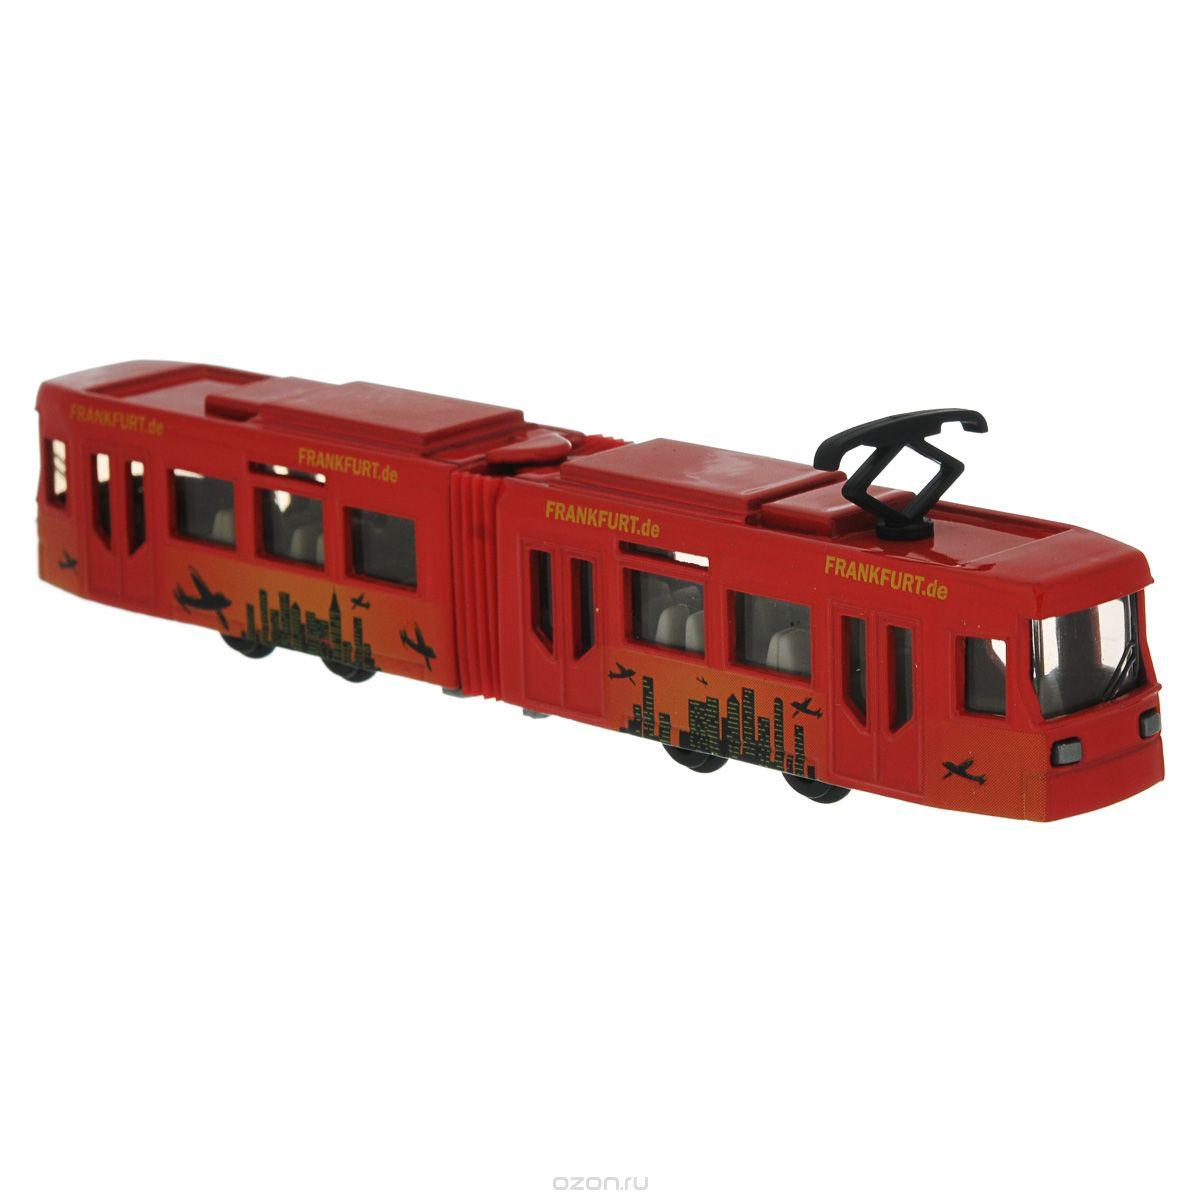 Siku Трамвай цвет красный1615Трамвай Siku выполнен из металла с элементами из пластика; его колесики крутятся. Такая модель понравится не только ребенку, но и взрослому коллекционеру, и приятно удивит вас высочайшим качеством исполнения. Трамвай станет не только интересной игрушкой для ребенка, интересующегося городской техникой, но и займет достойное место в коллекции.